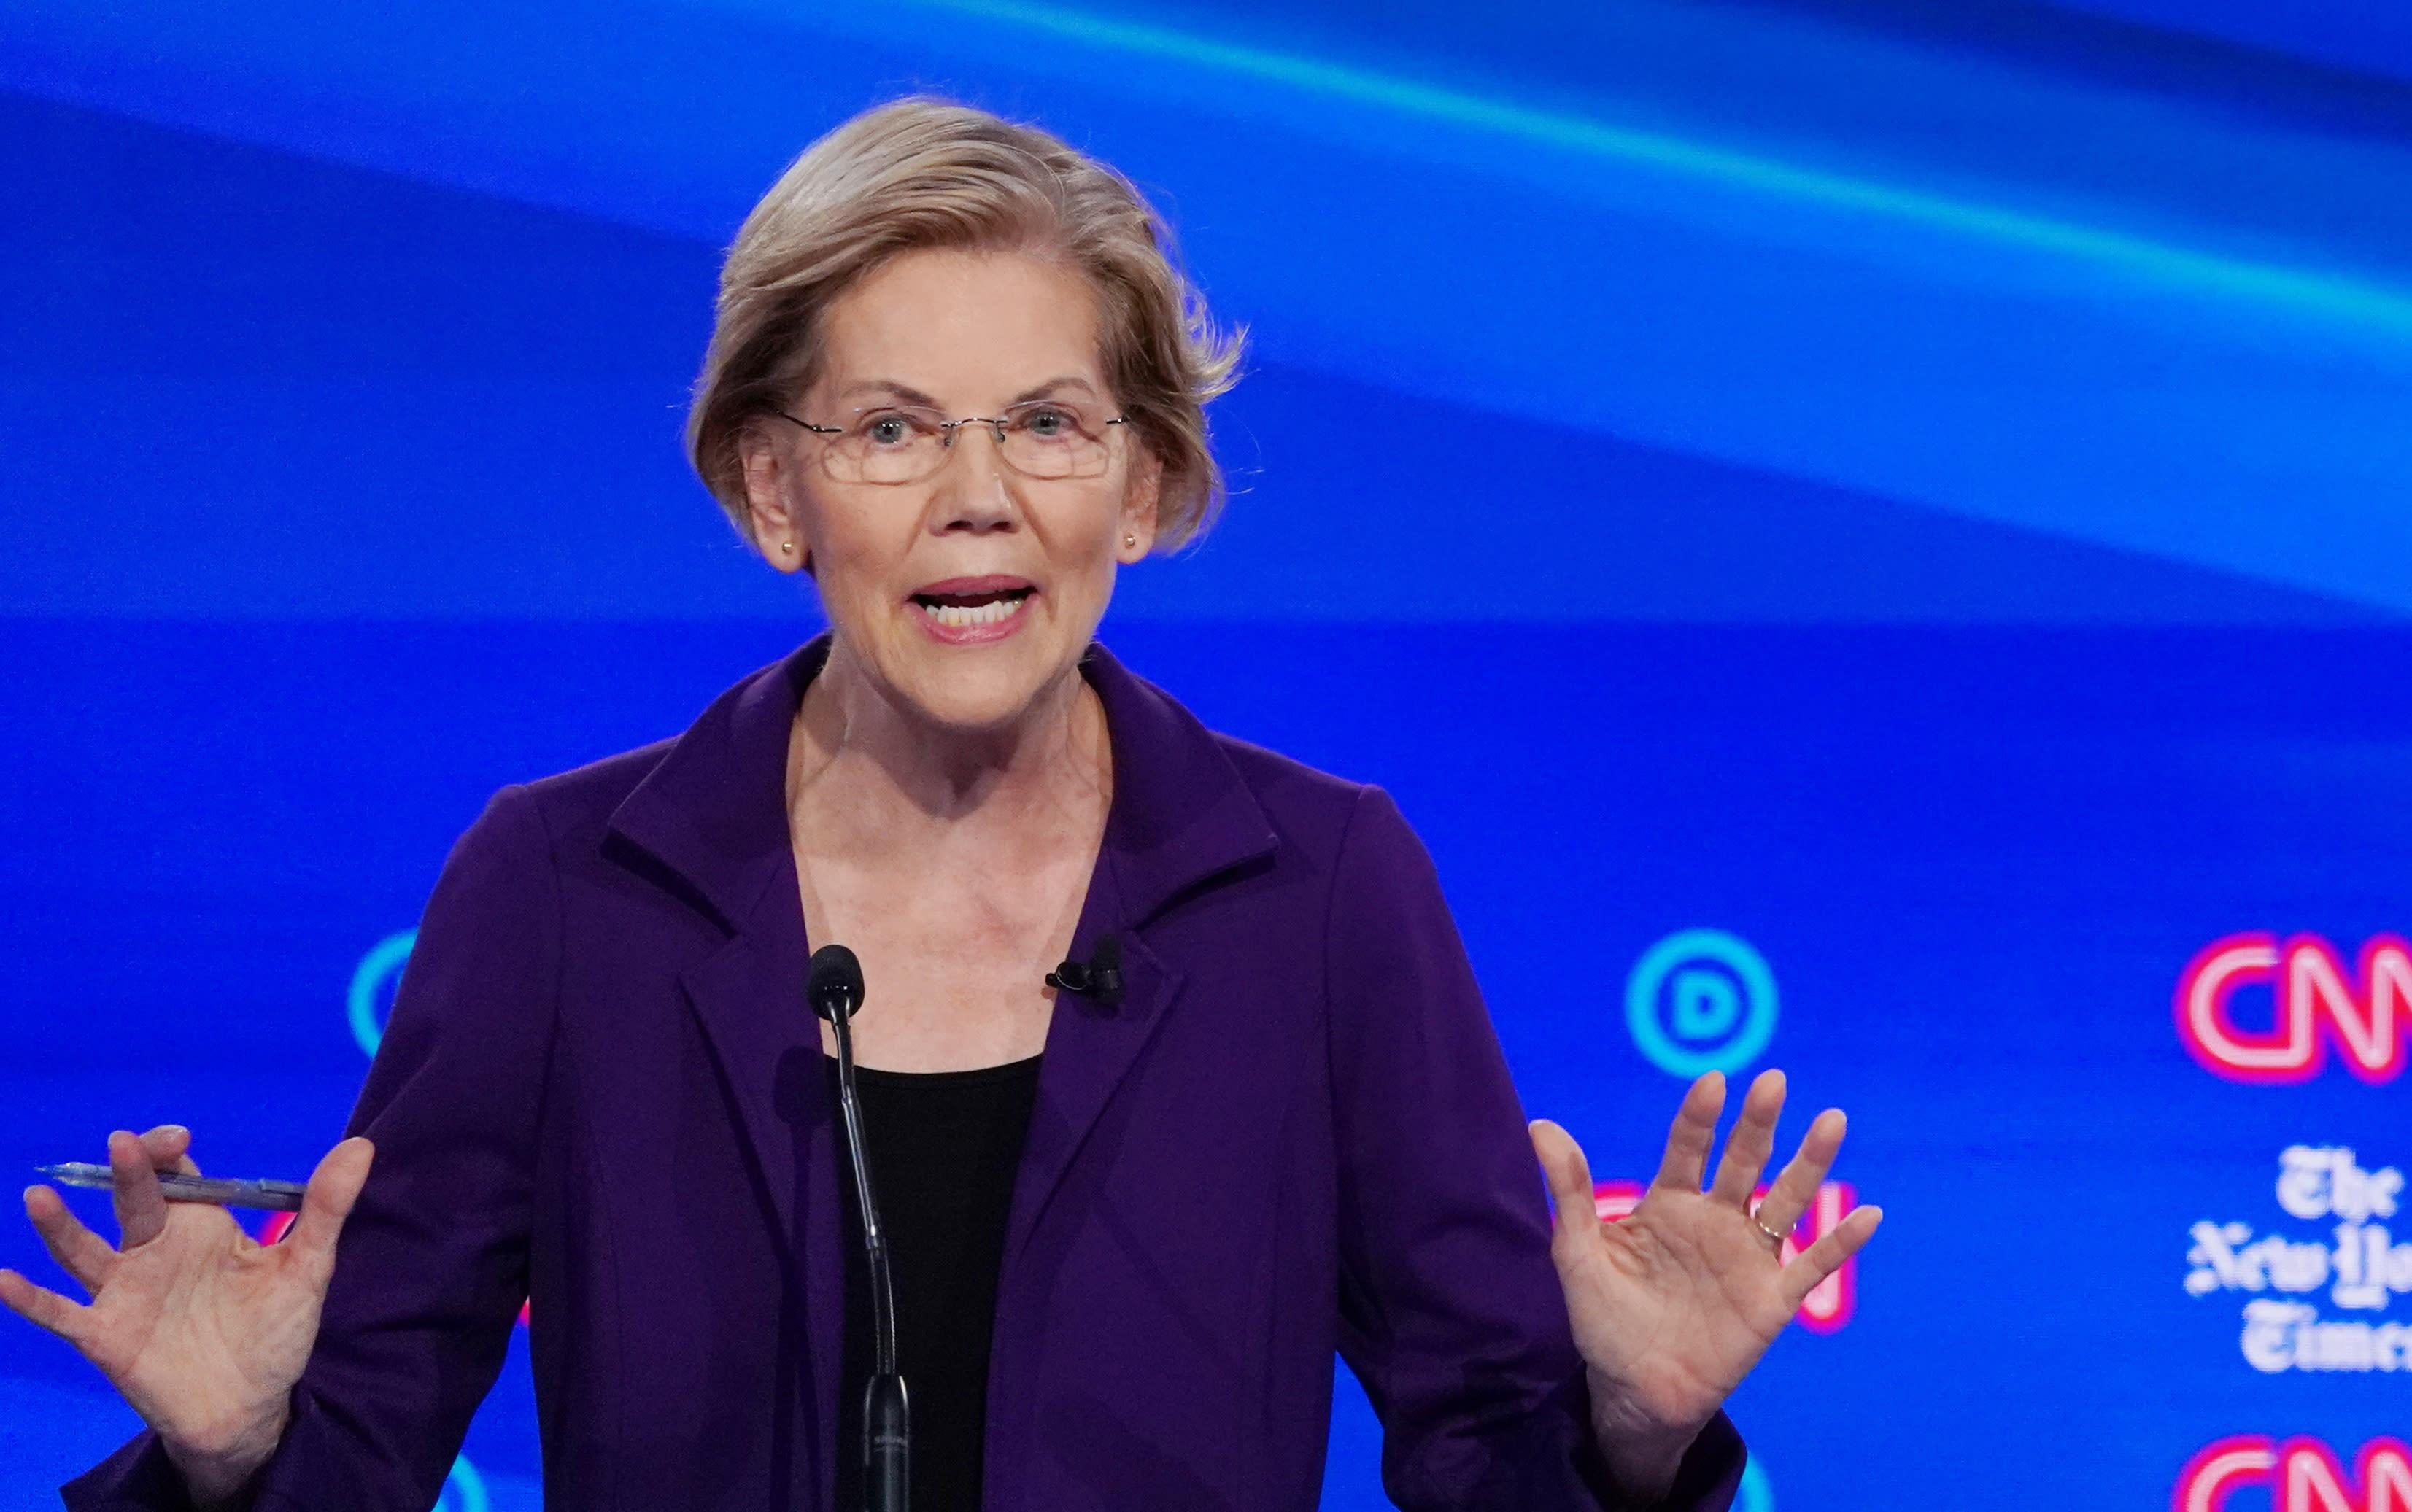 Elizabeth Warren wants to break up big tech. Other candidates aren't so sure